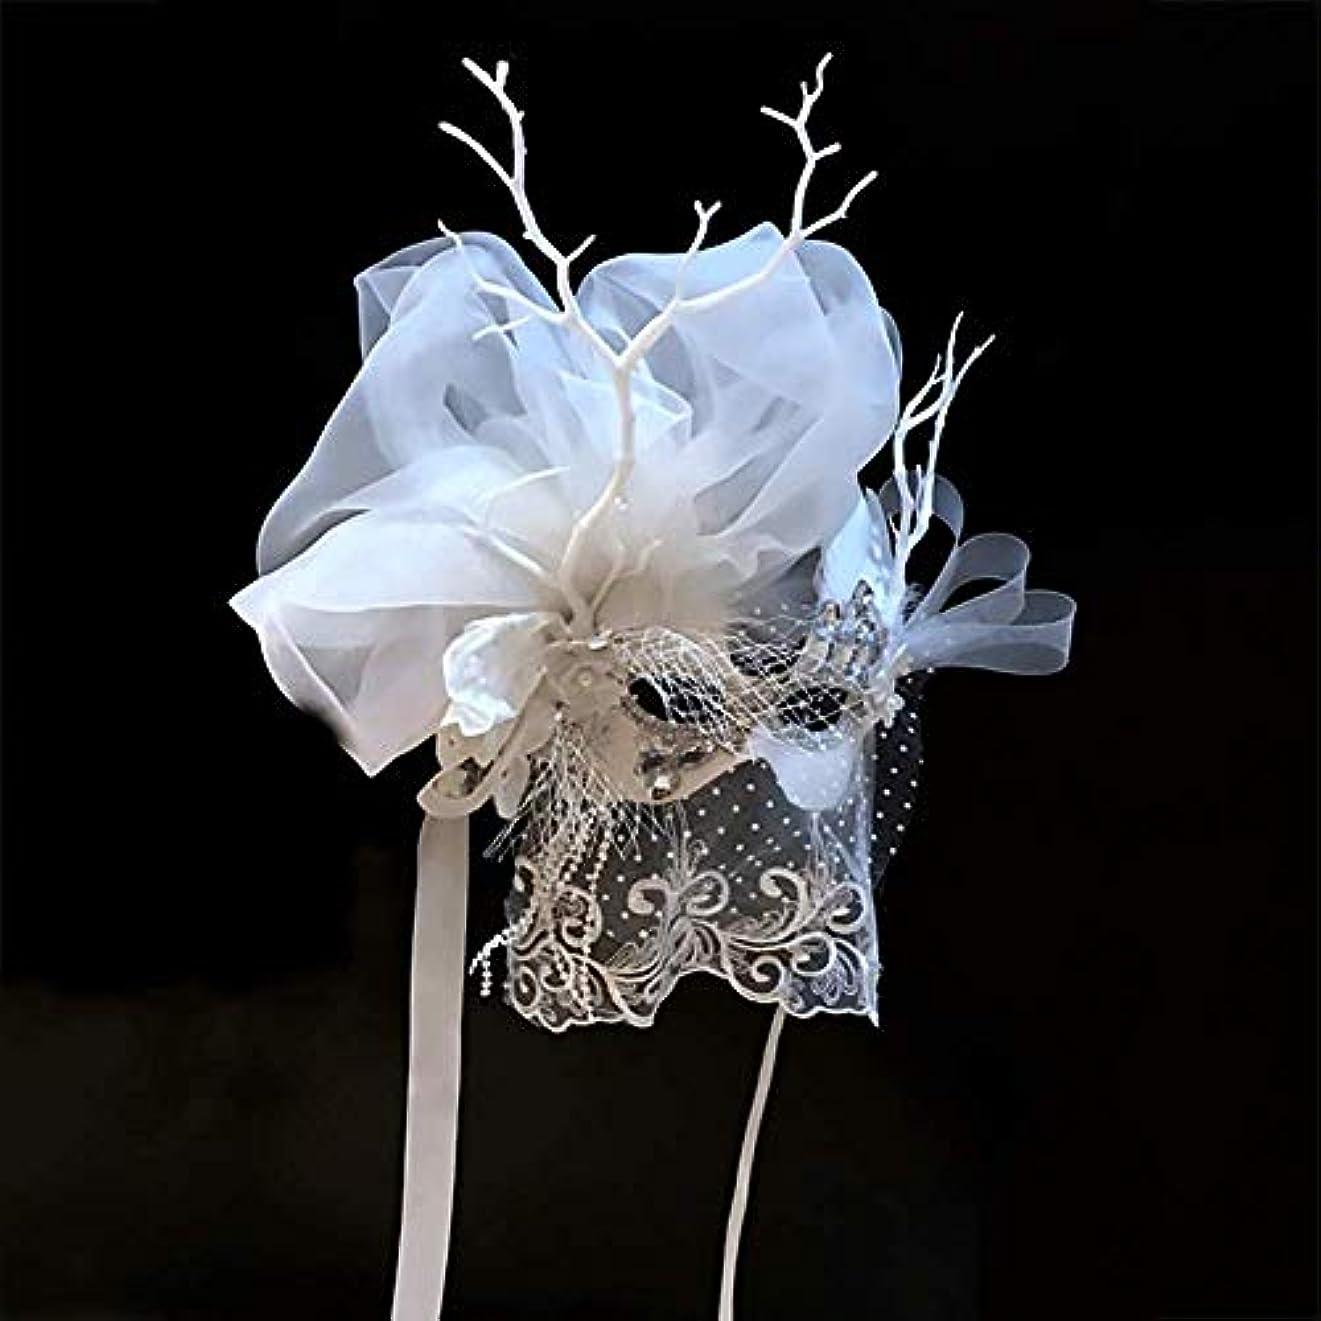 クレーター回転するクラックポットNanle ハロウィンラグジュアリーマスカレードマスクメタルラインストーンイブニングパーティーVenetian Mardi Gras Party Mask (色 : 白)